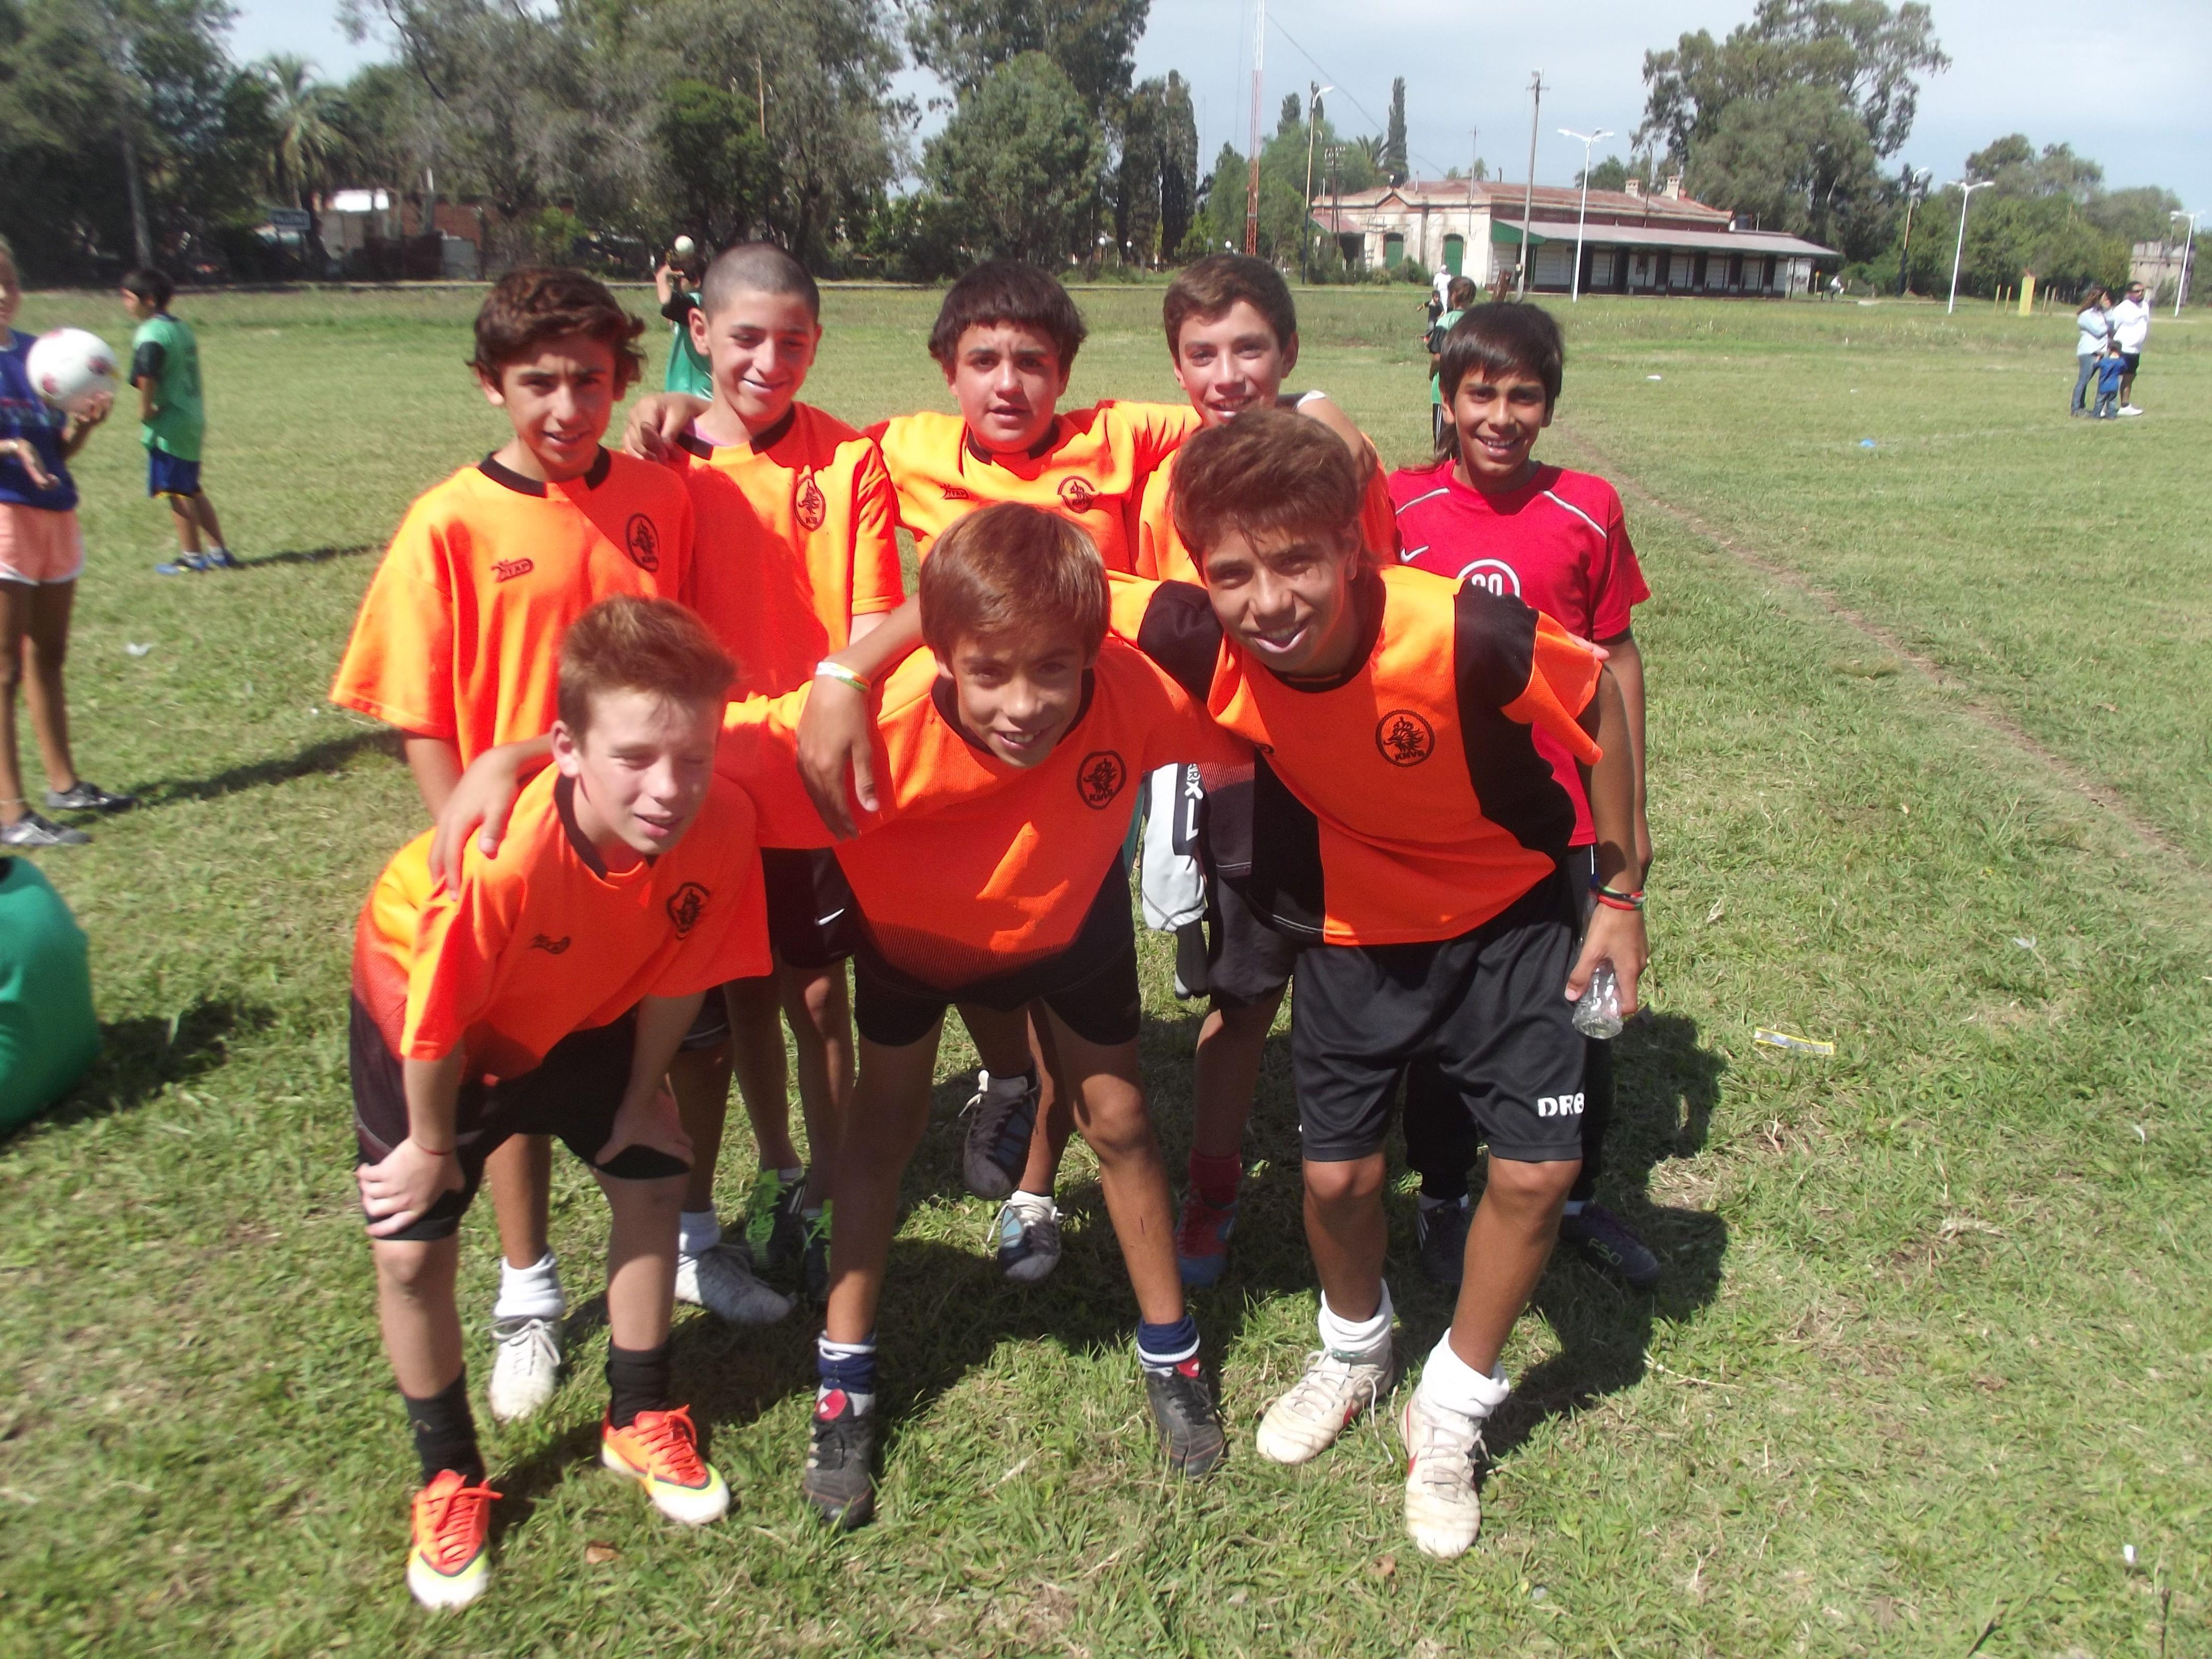 Equipo campeón del torneo en la categoría hasta 13 años.